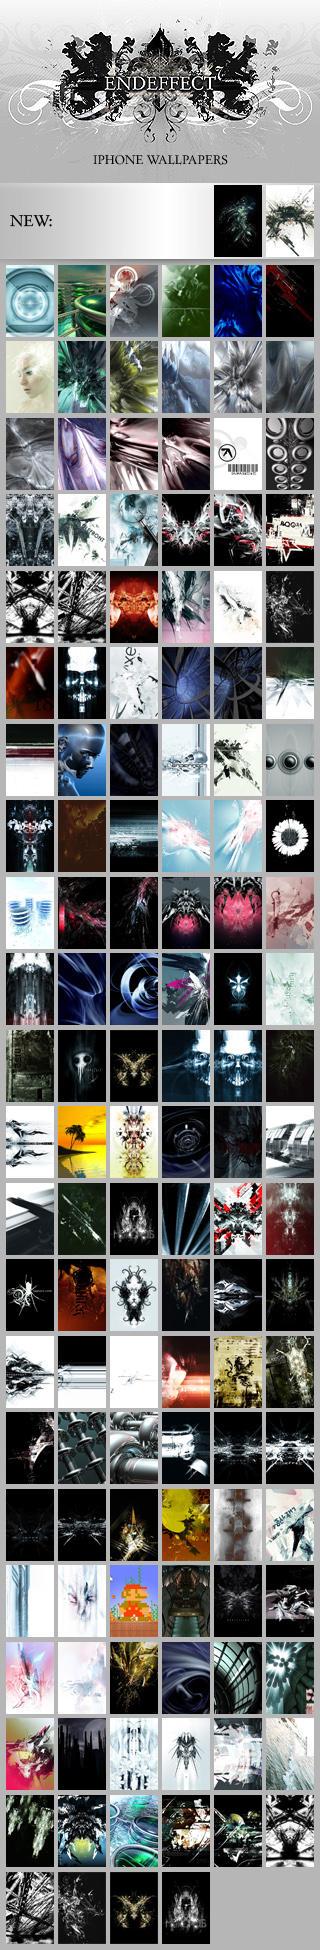 EE iPhone Wallpaper Pack by precurser